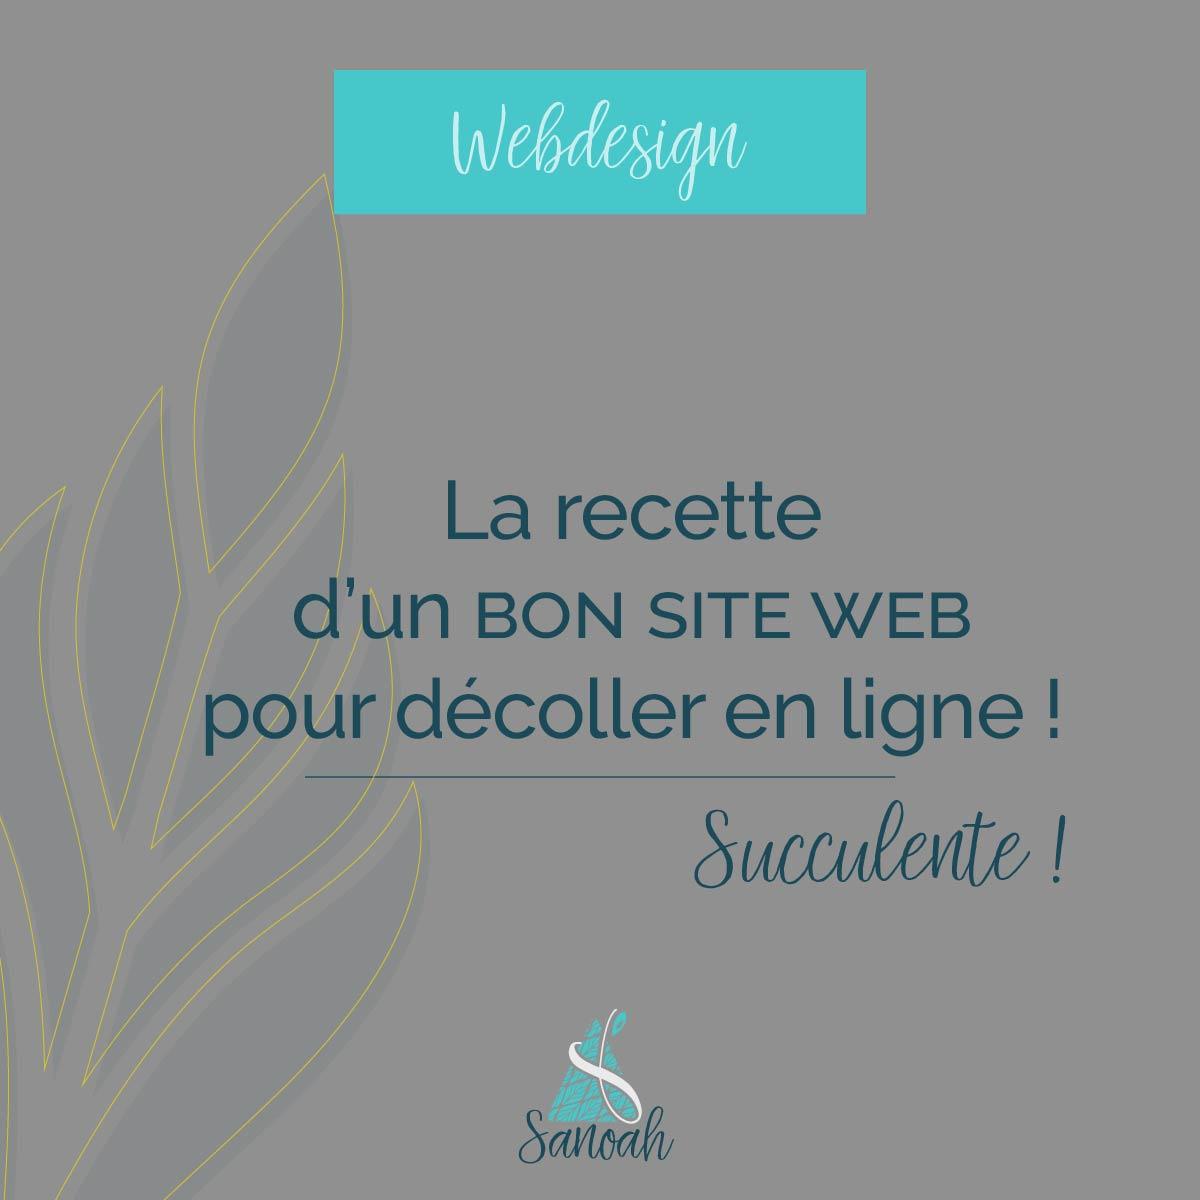 recette d'un bon site web_